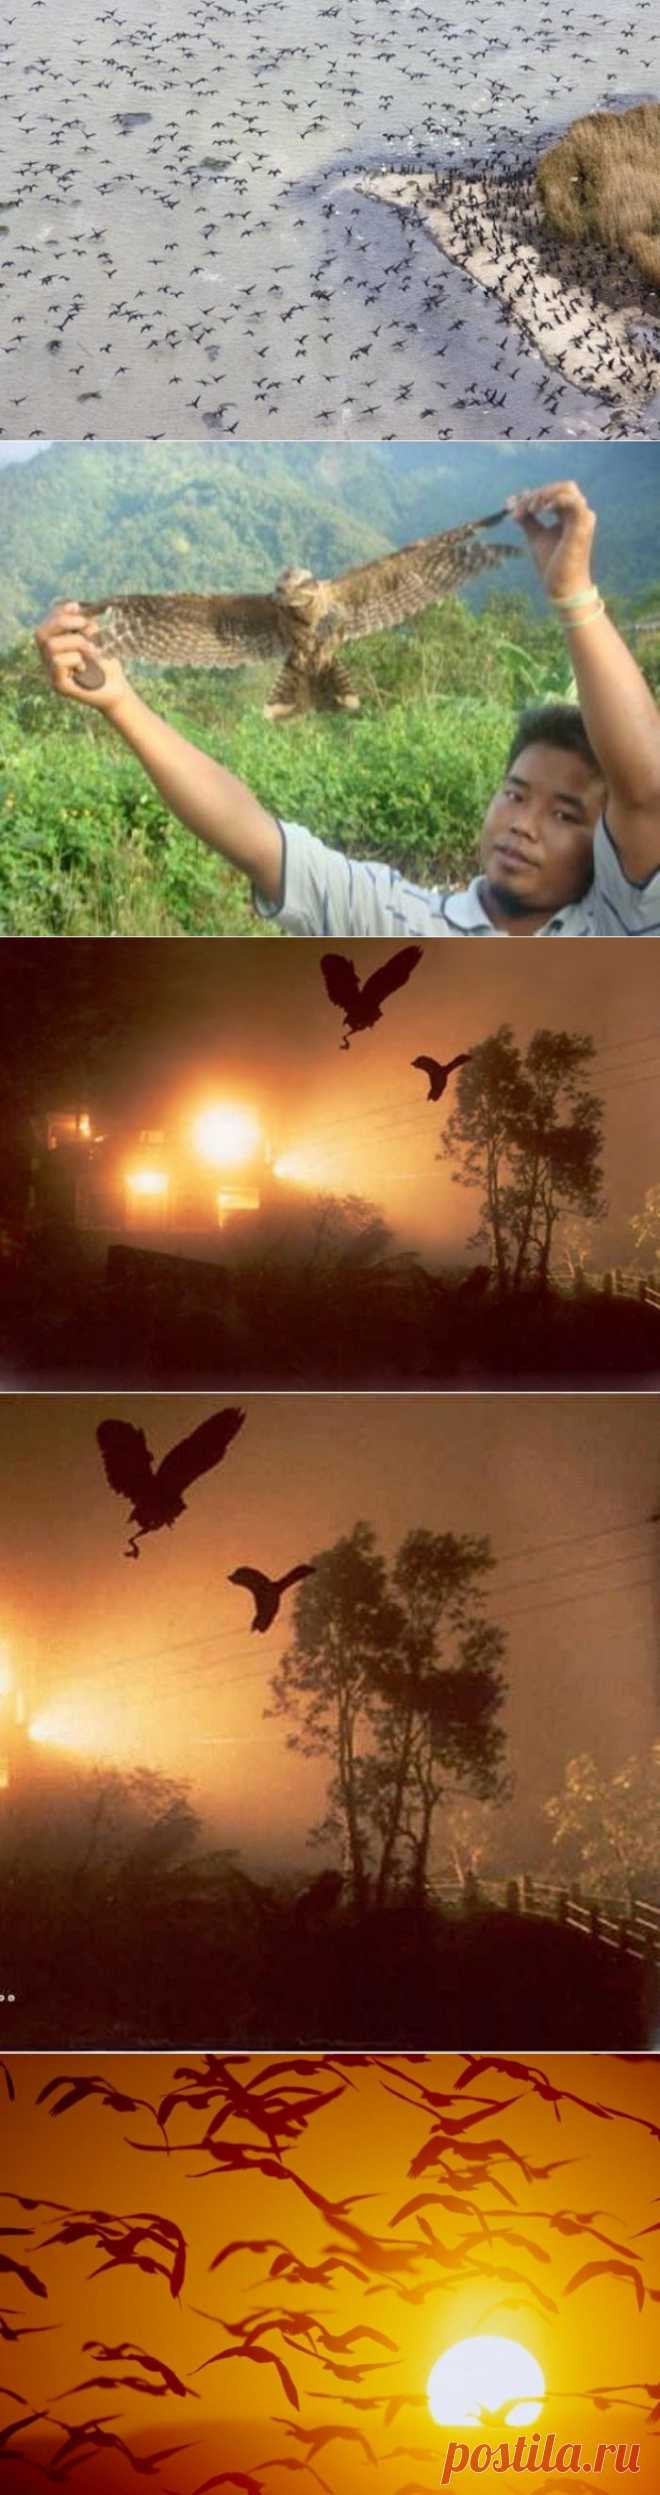 Загадки природы: долина падающих птиц